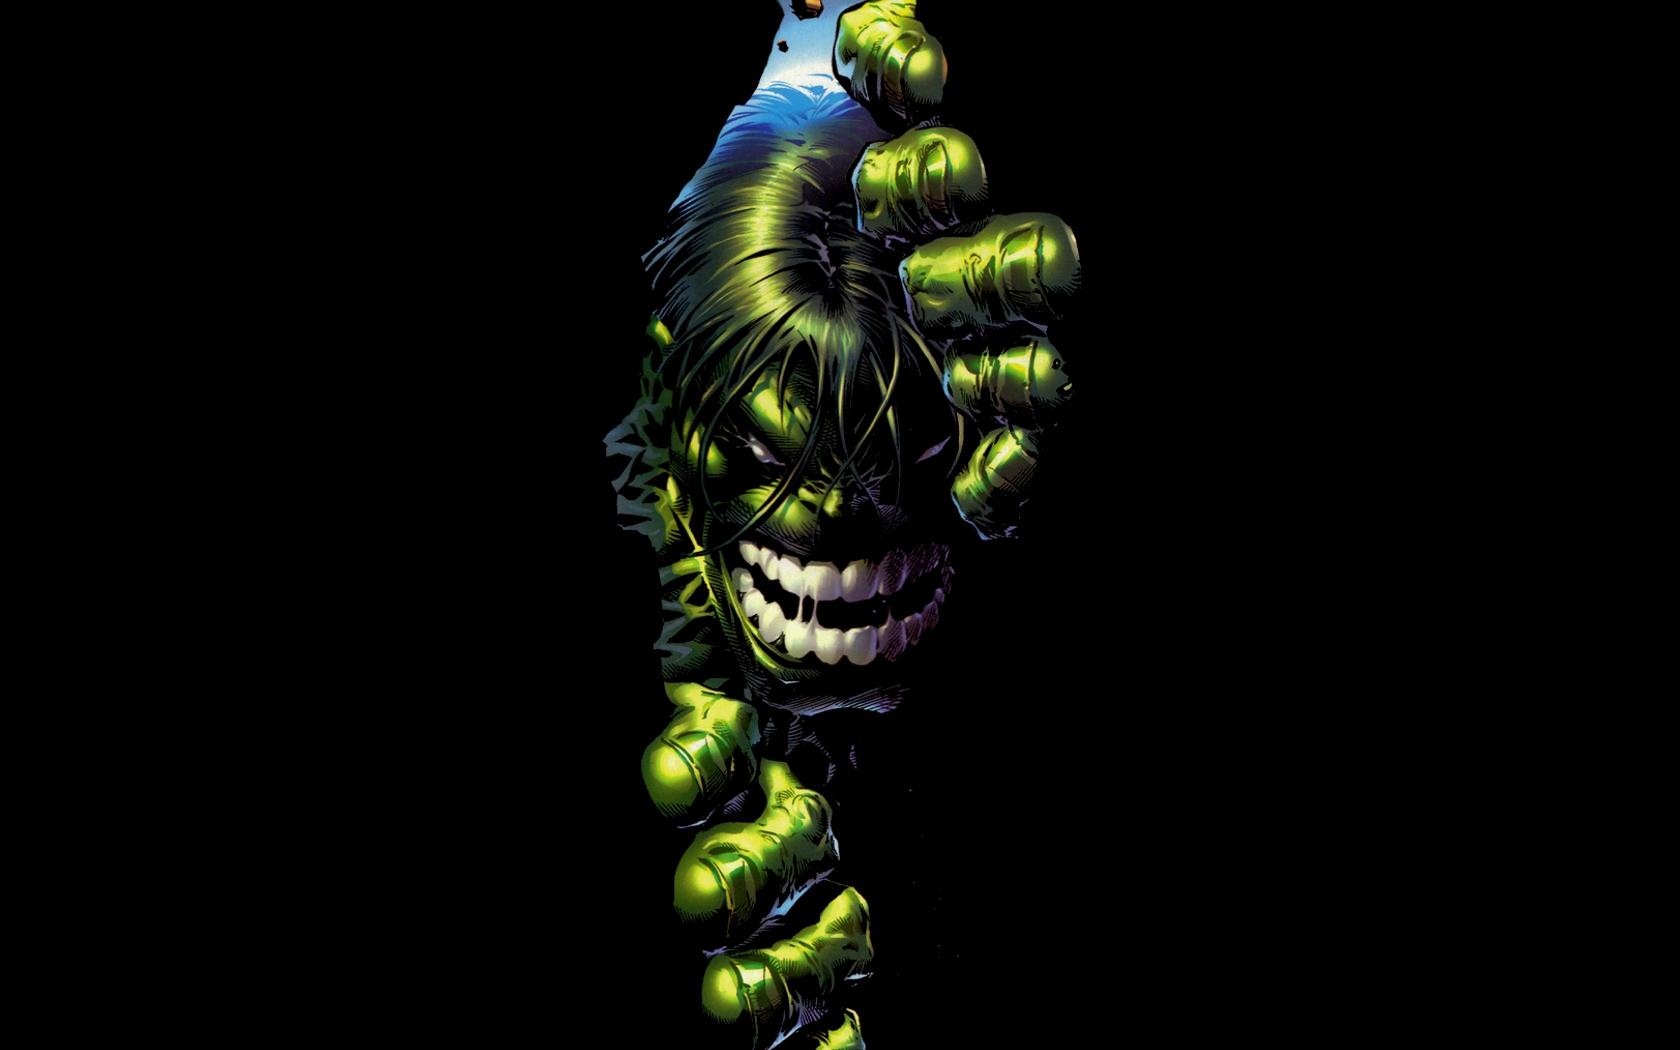 Hulk comics Marvel Comics wallpaper 1680x1050 58608 WallpaperUP 1680x1050